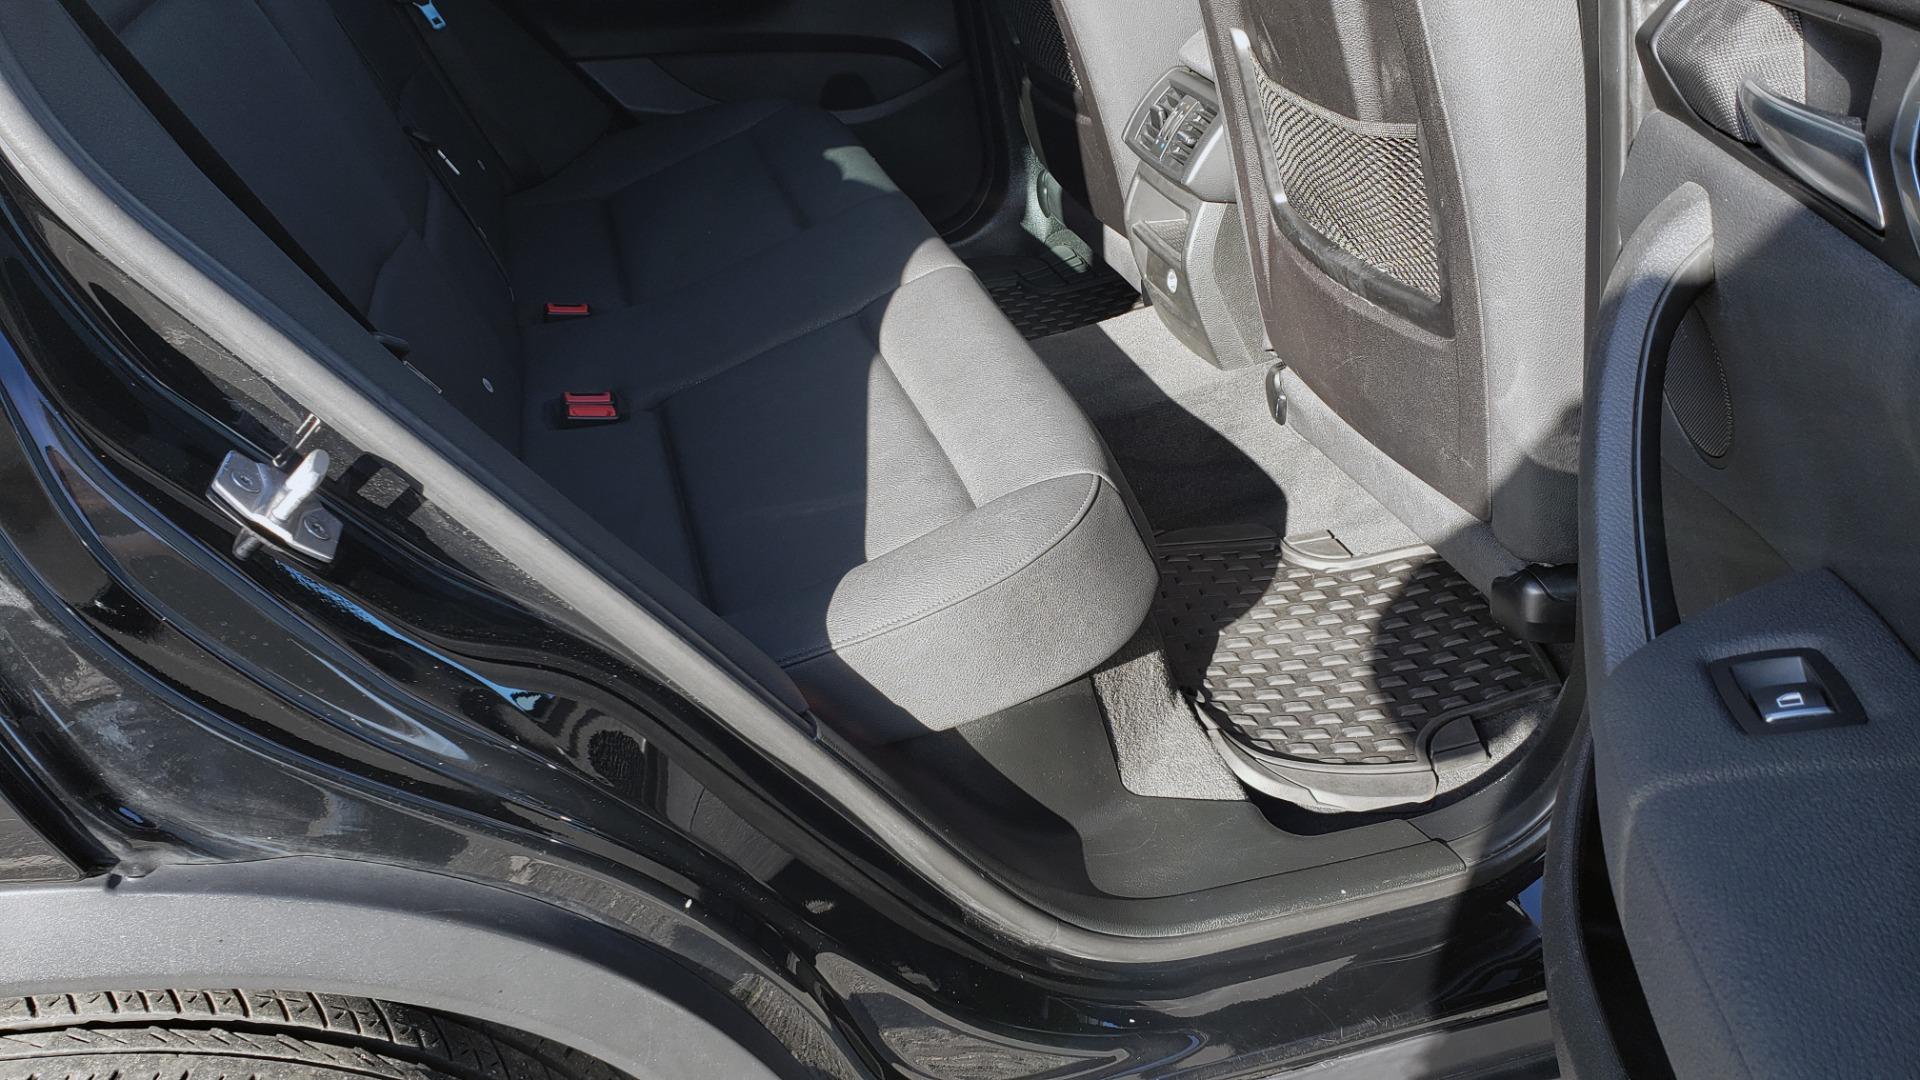 Used 2017 BMW X3 XDRIVE28I / PREM PKG / NAV / DRVR ASST / HTD STS / CAMERAS for sale Sold at Formula Imports in Charlotte NC 28227 83